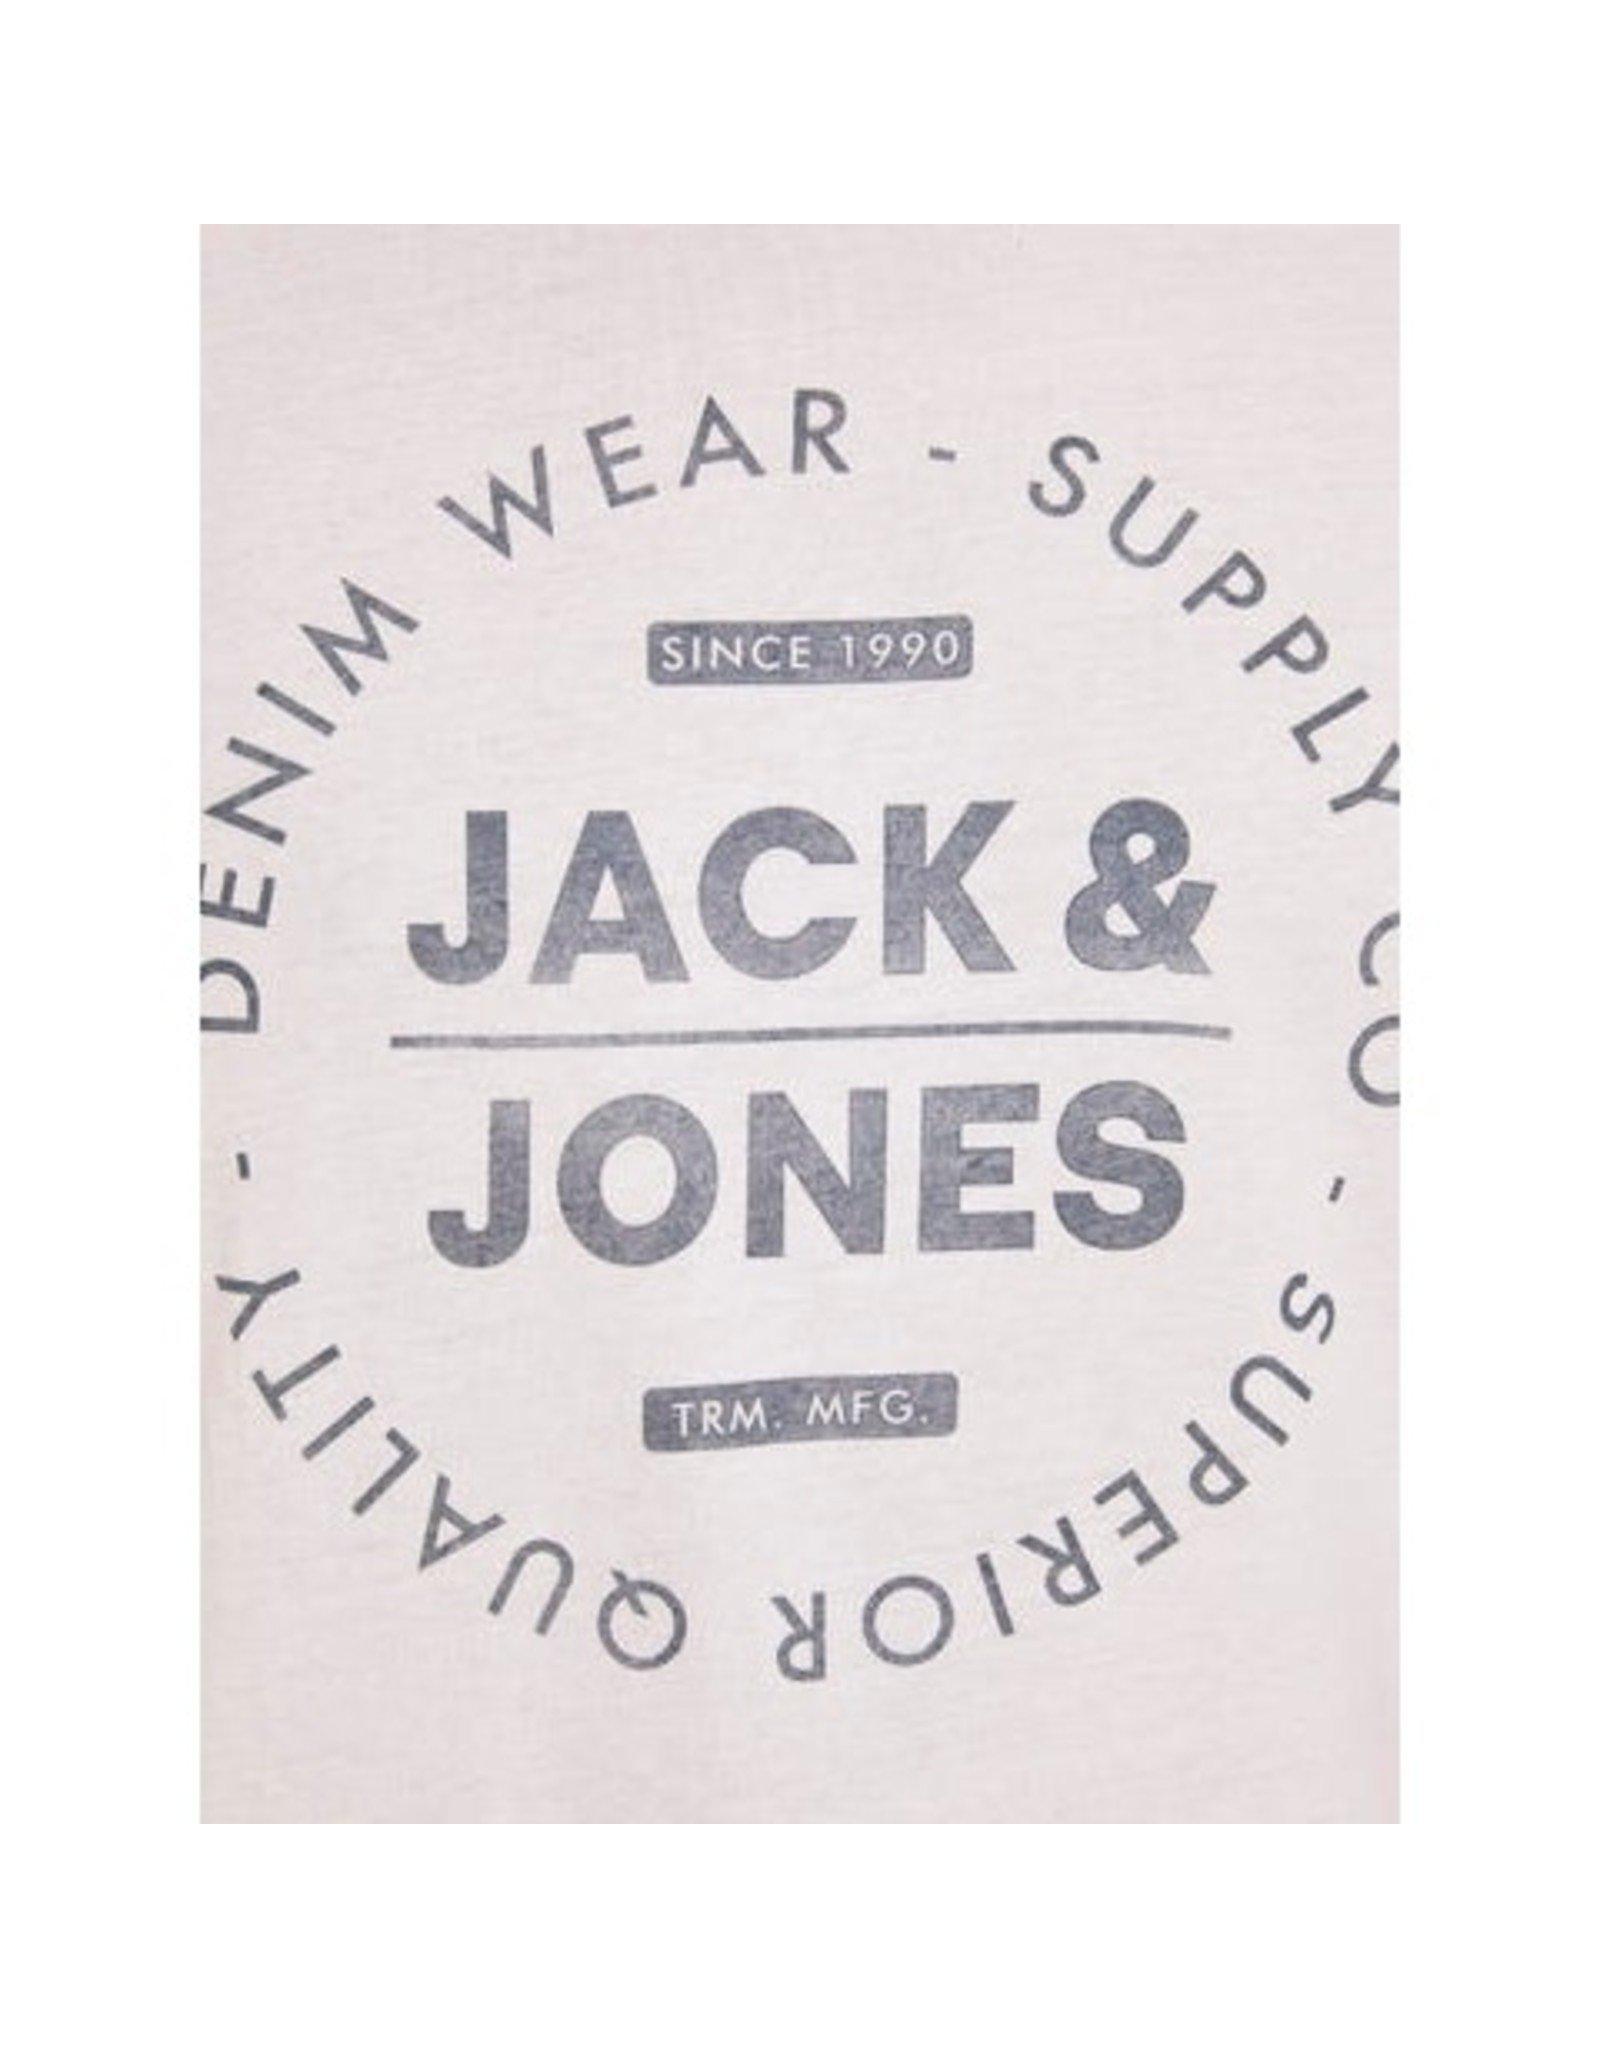 Jack & Jones Crew Neck Tee - White